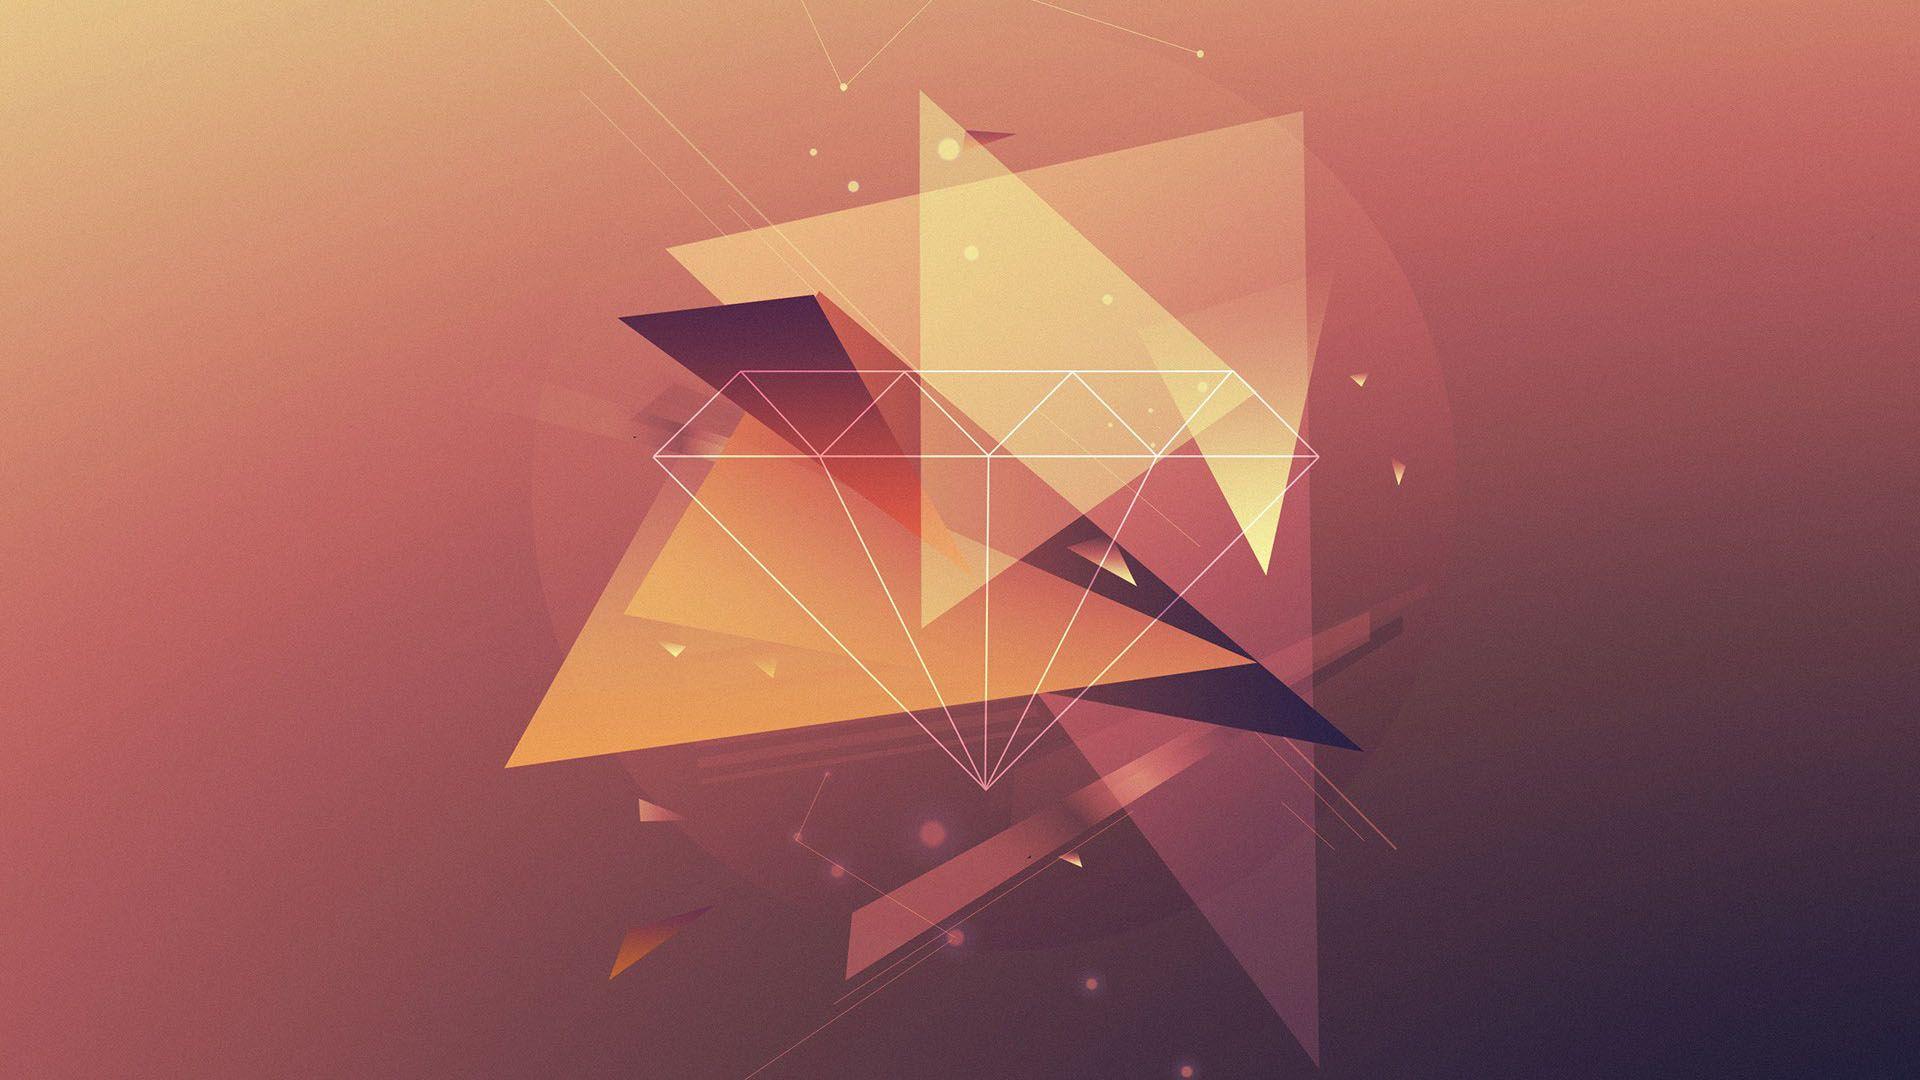 Hd wallpaper vector - Hd Wallpaper Vector 47